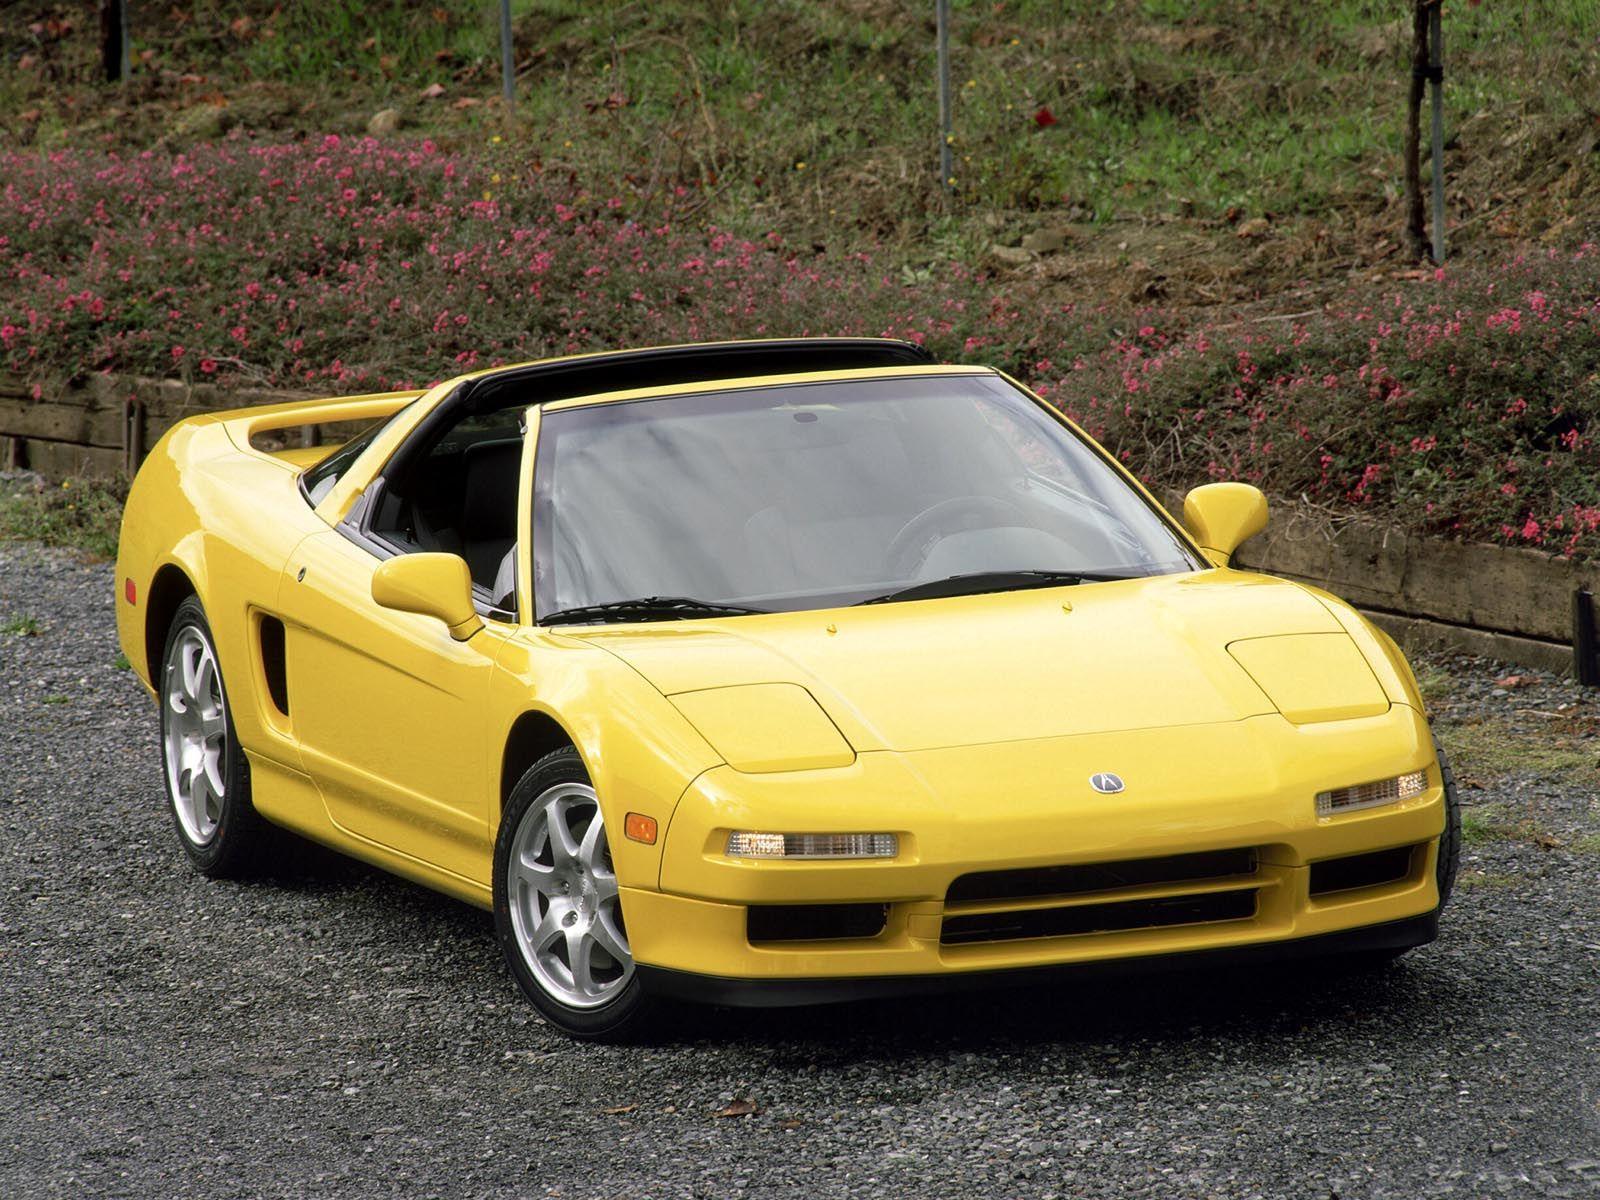 1997 Acura NSX - Pictures - CarGurus